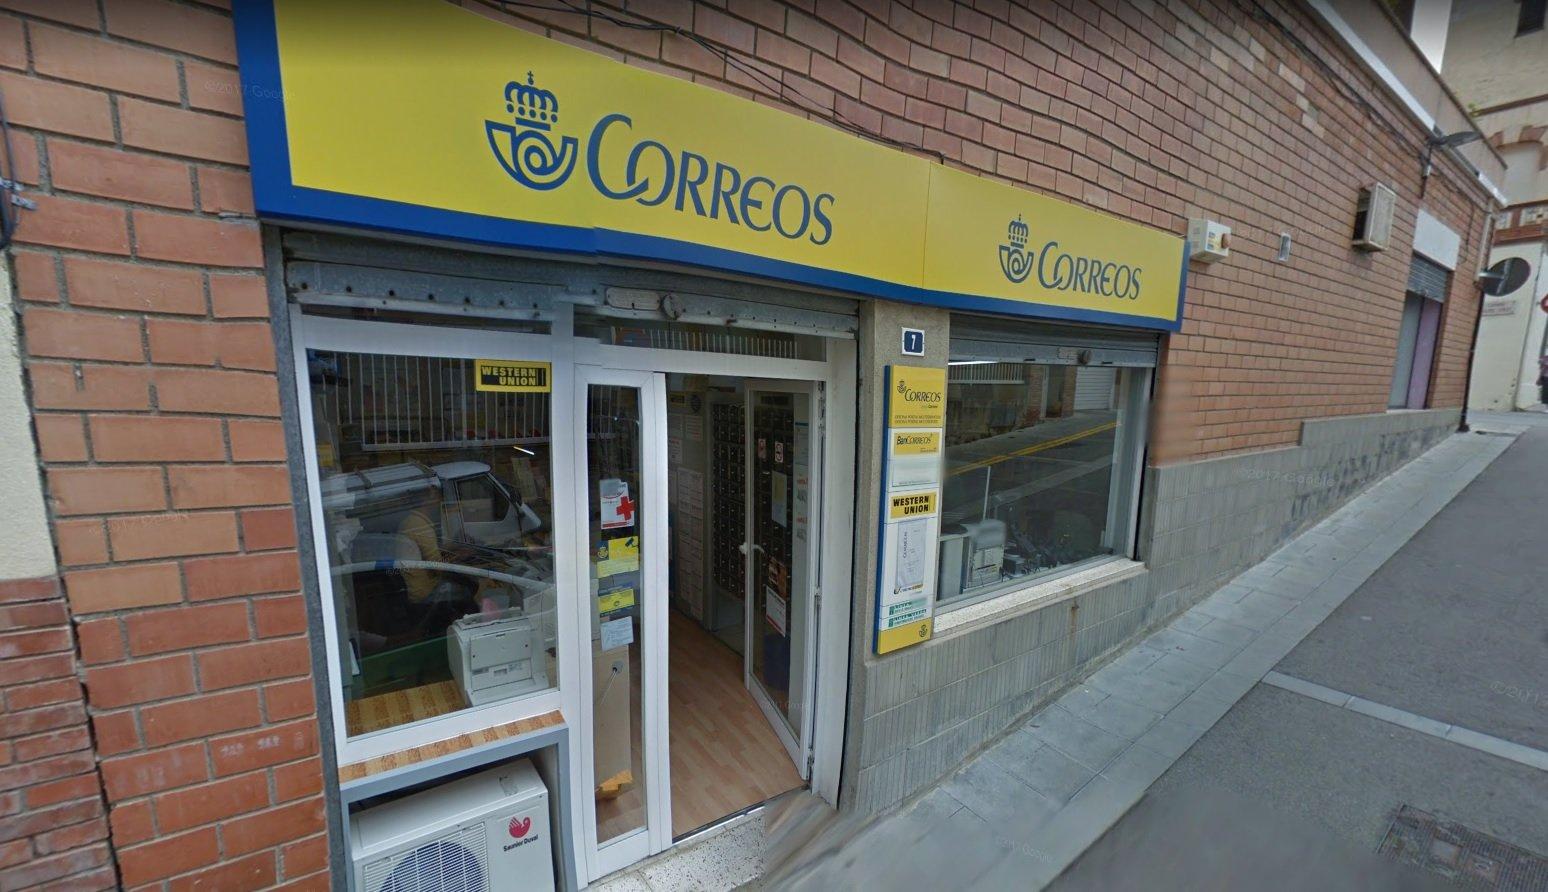 Los enigm ticos atracos en oficinas de correos for Oficina de correo barcelona